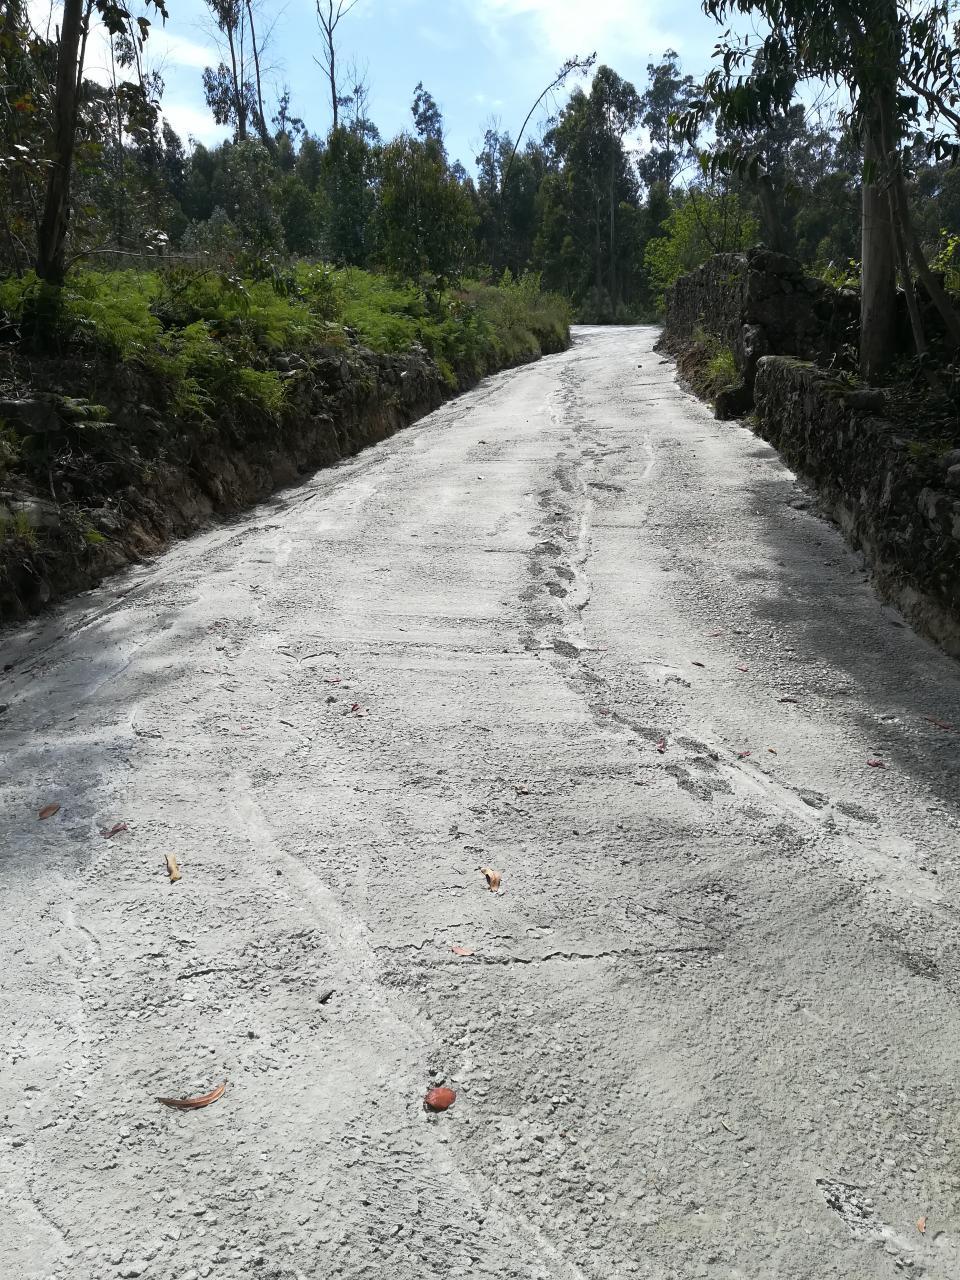 Subida de acesso ao monte em sobreiros, pavimentada.